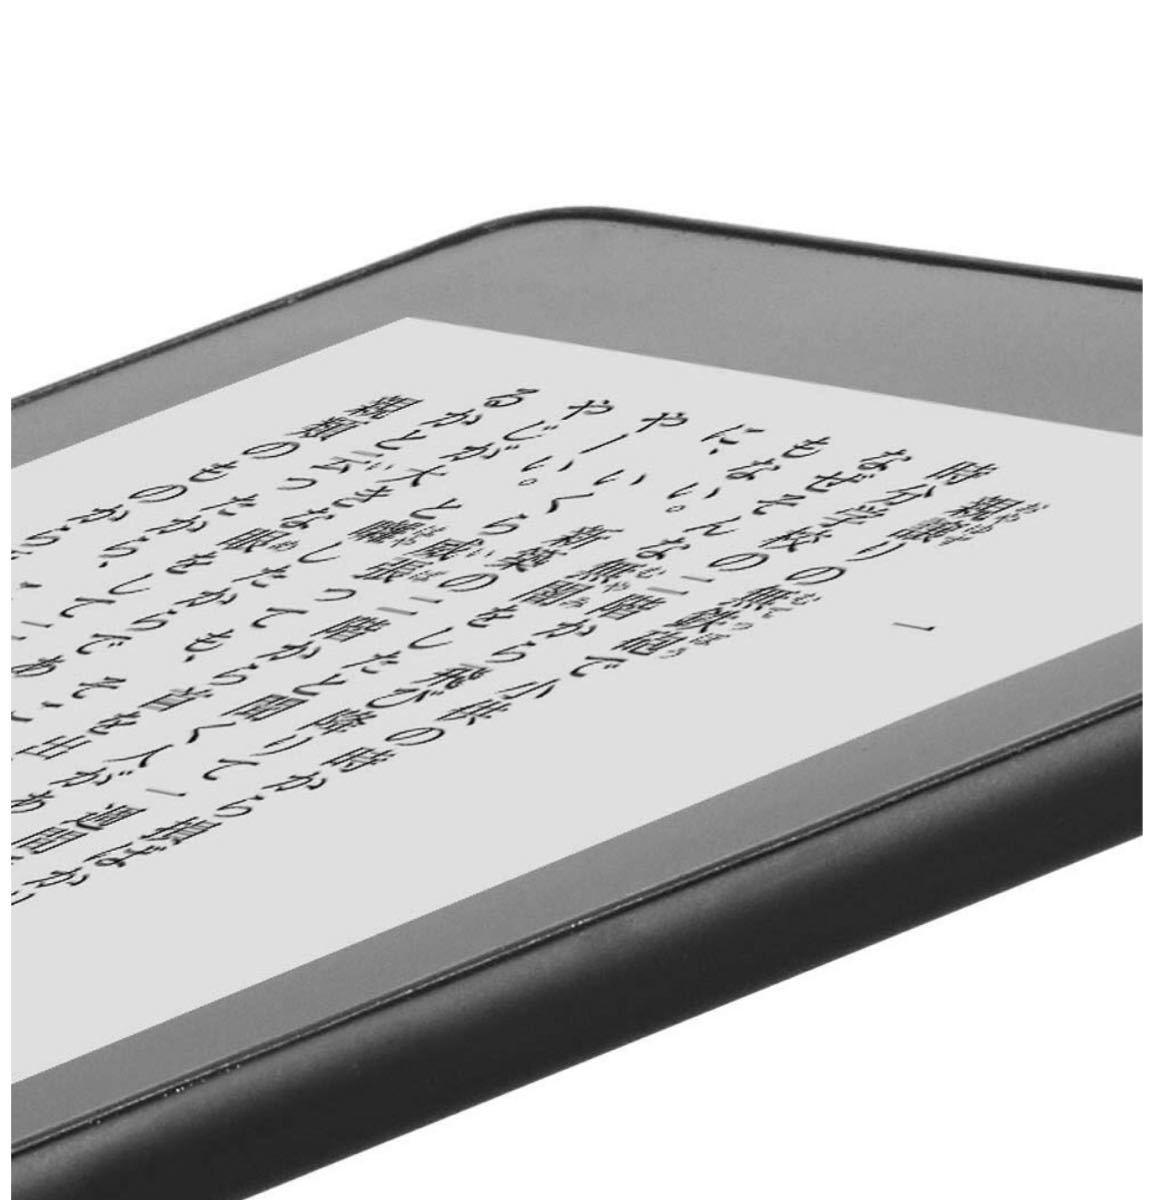 ★新品未開封★Kindle Paperwhite 防水機能搭載 Wi-Fi 8GB 広告つき 電子書籍リーダー キンドル Amazon タブレット_画像5